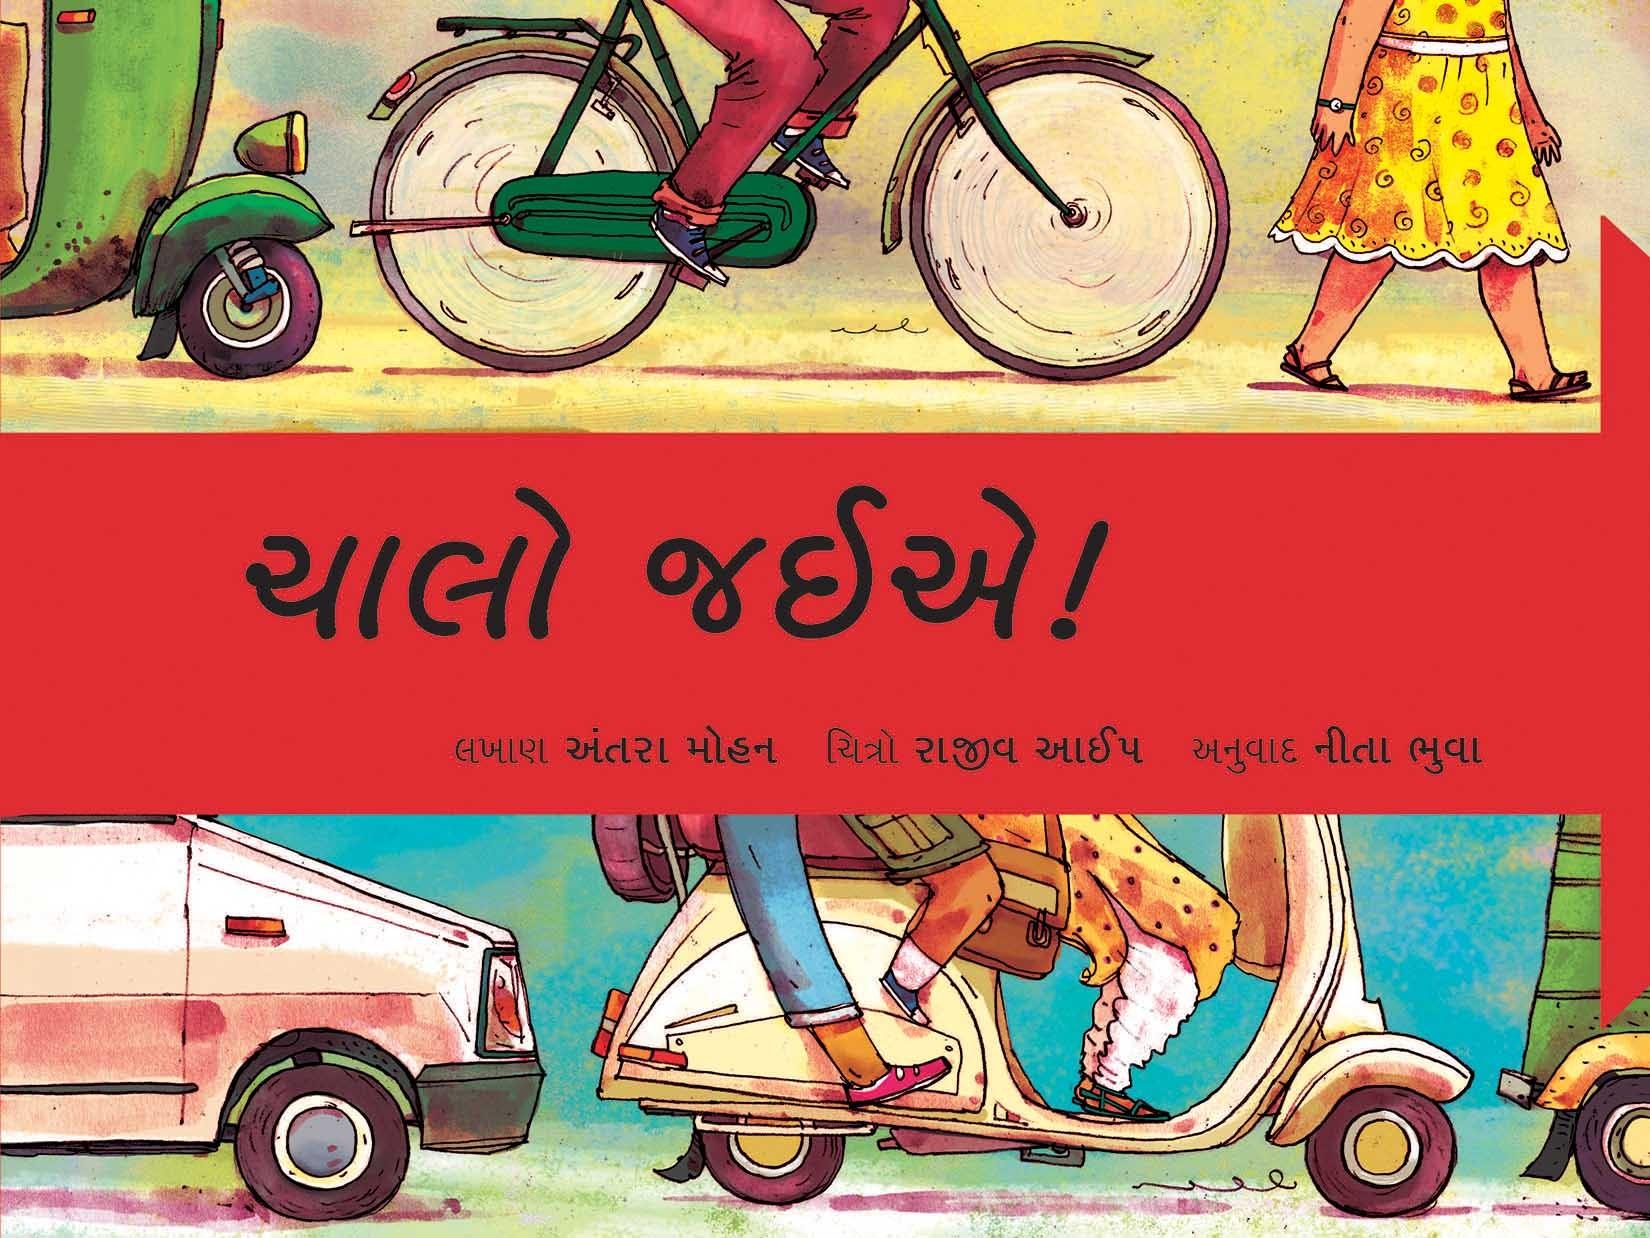 Let's Go/Chalo Jaiye (Gujarati)